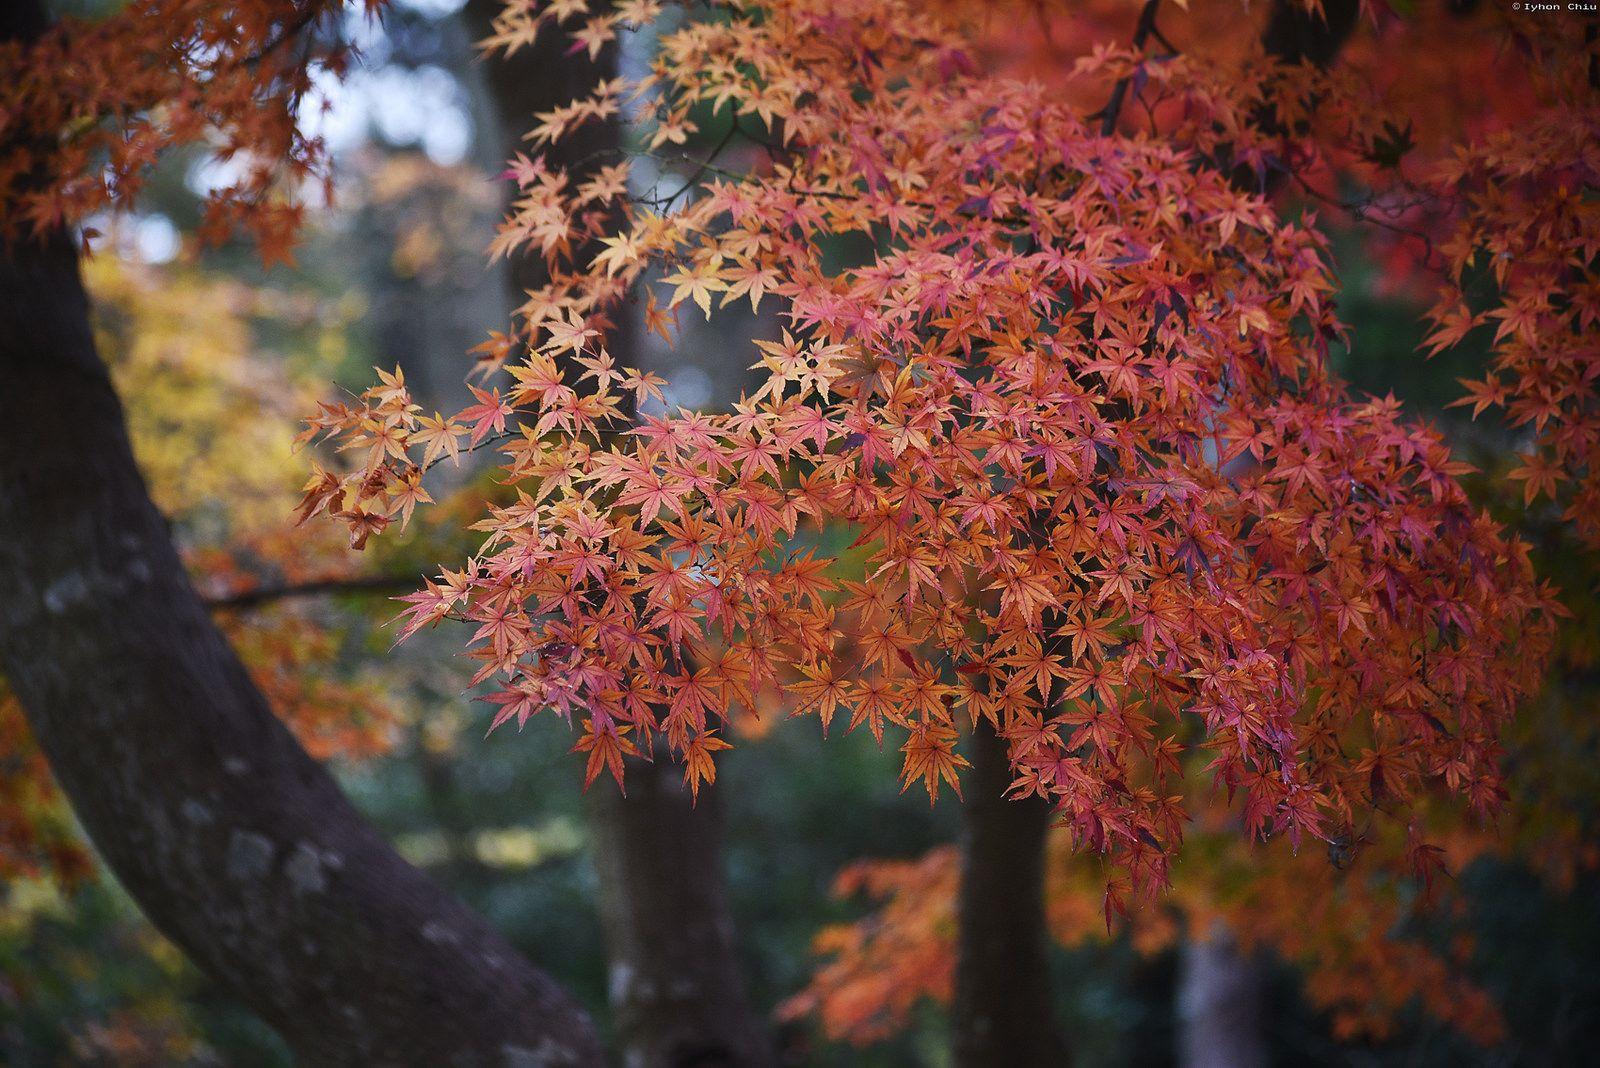 紅葉・北鎌倉 円覚寺 | Engakuji Temple・Kita-Kamakura | Flickr - Photo Sharing!